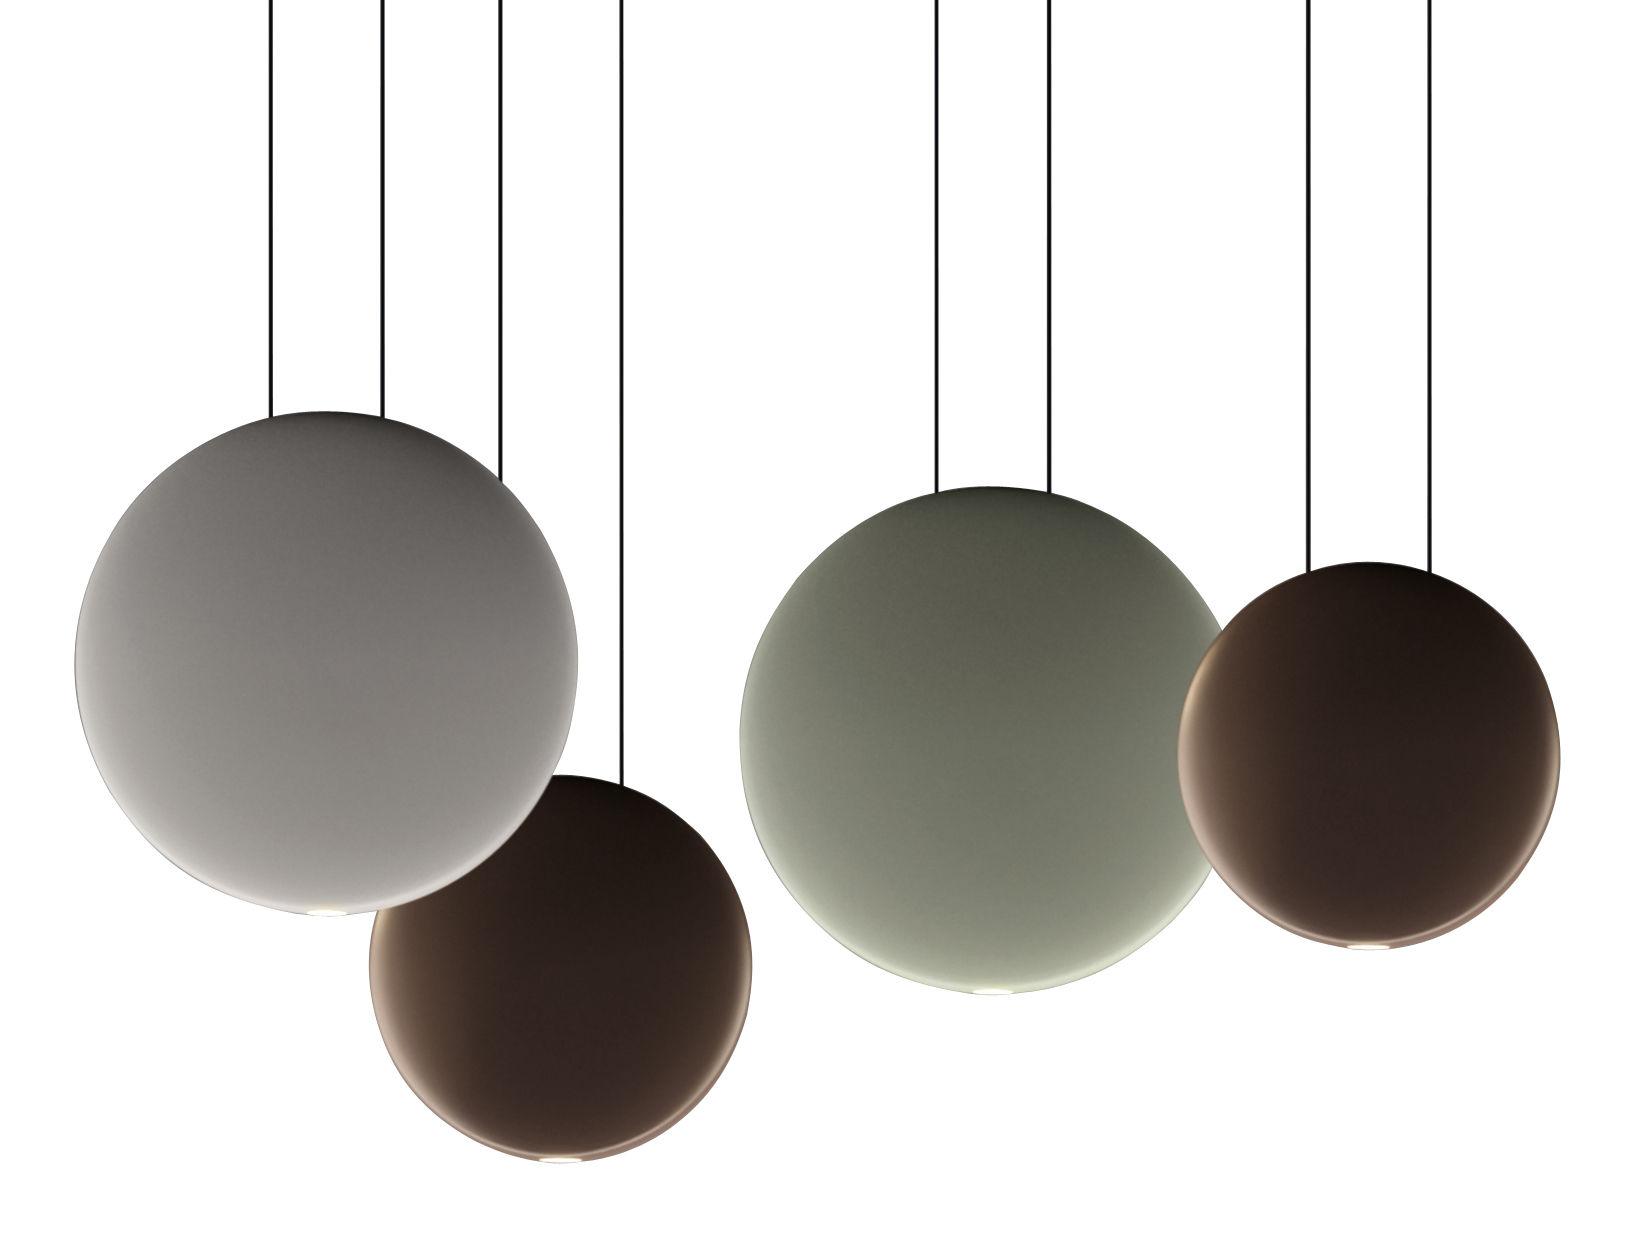 Leuchten - Pendelleuchten - Cosmos Pendelleuchte LED / Set mit 4 Pendelleuchten  - L 76 cm - Vibia - Grün Ø27 / Grau Ø27 / 2 x Braun Ø19 - Polykarbonat